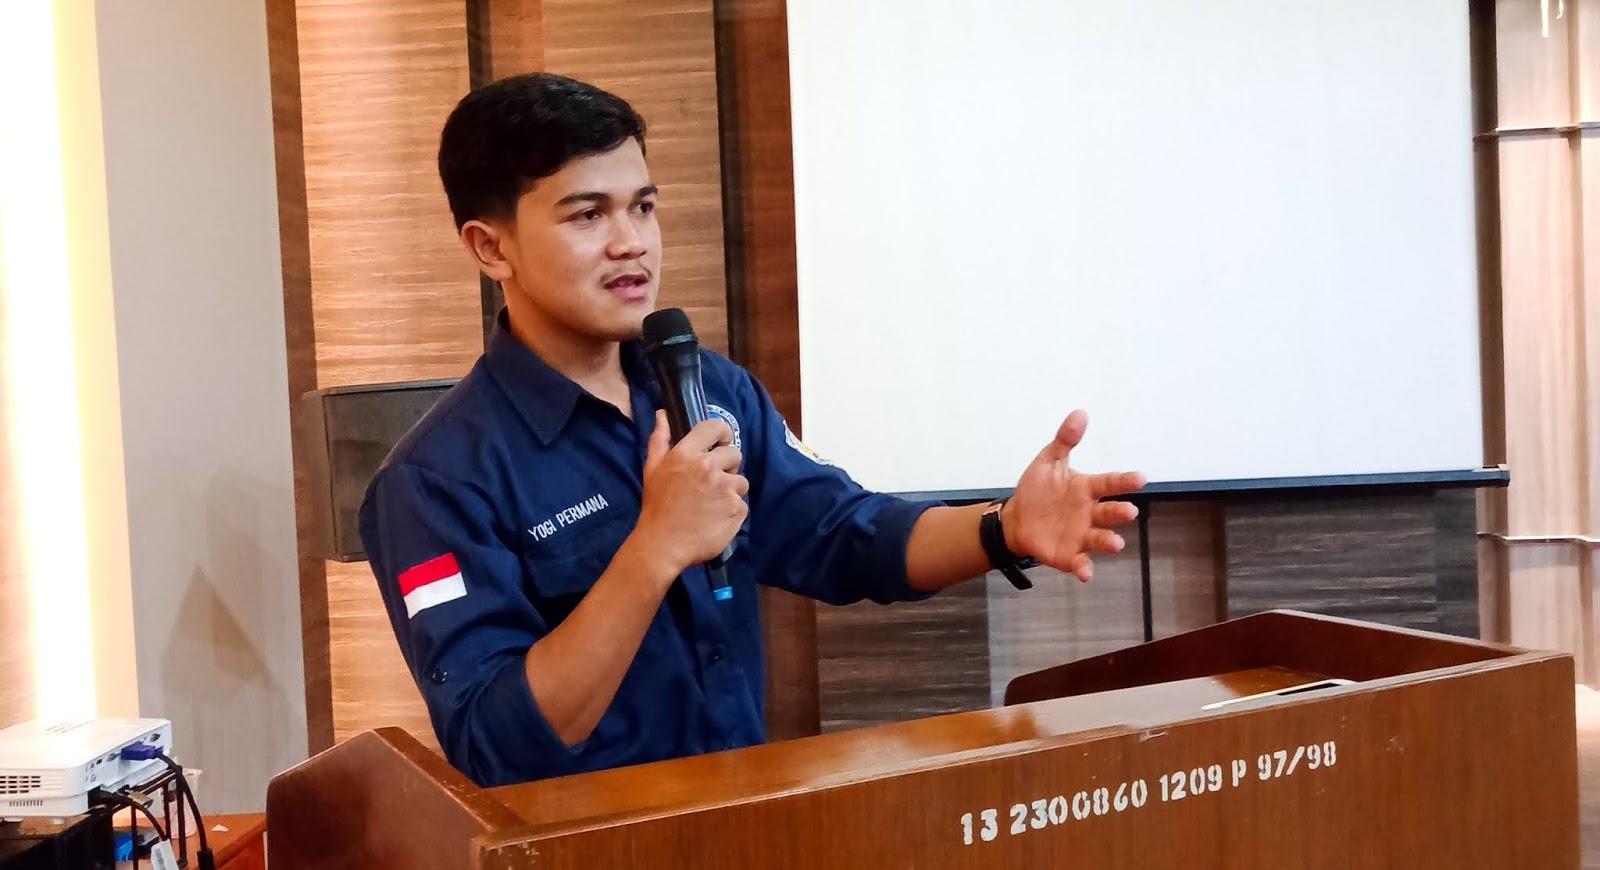 Staff Divisi PPIP Ajak Masyarakat Bijak dan Cerdas Dalam Memilih Calon Pemimpin